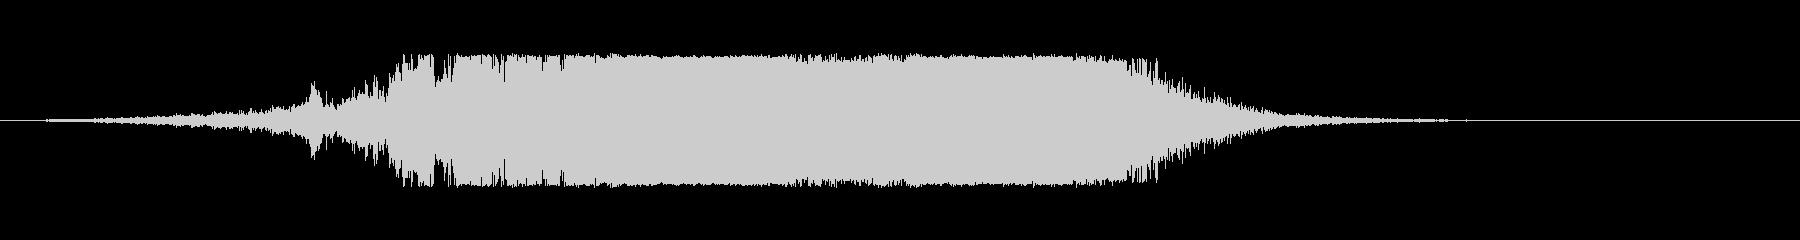 ナスカーレーシング;ターン(複数)...の未再生の波形